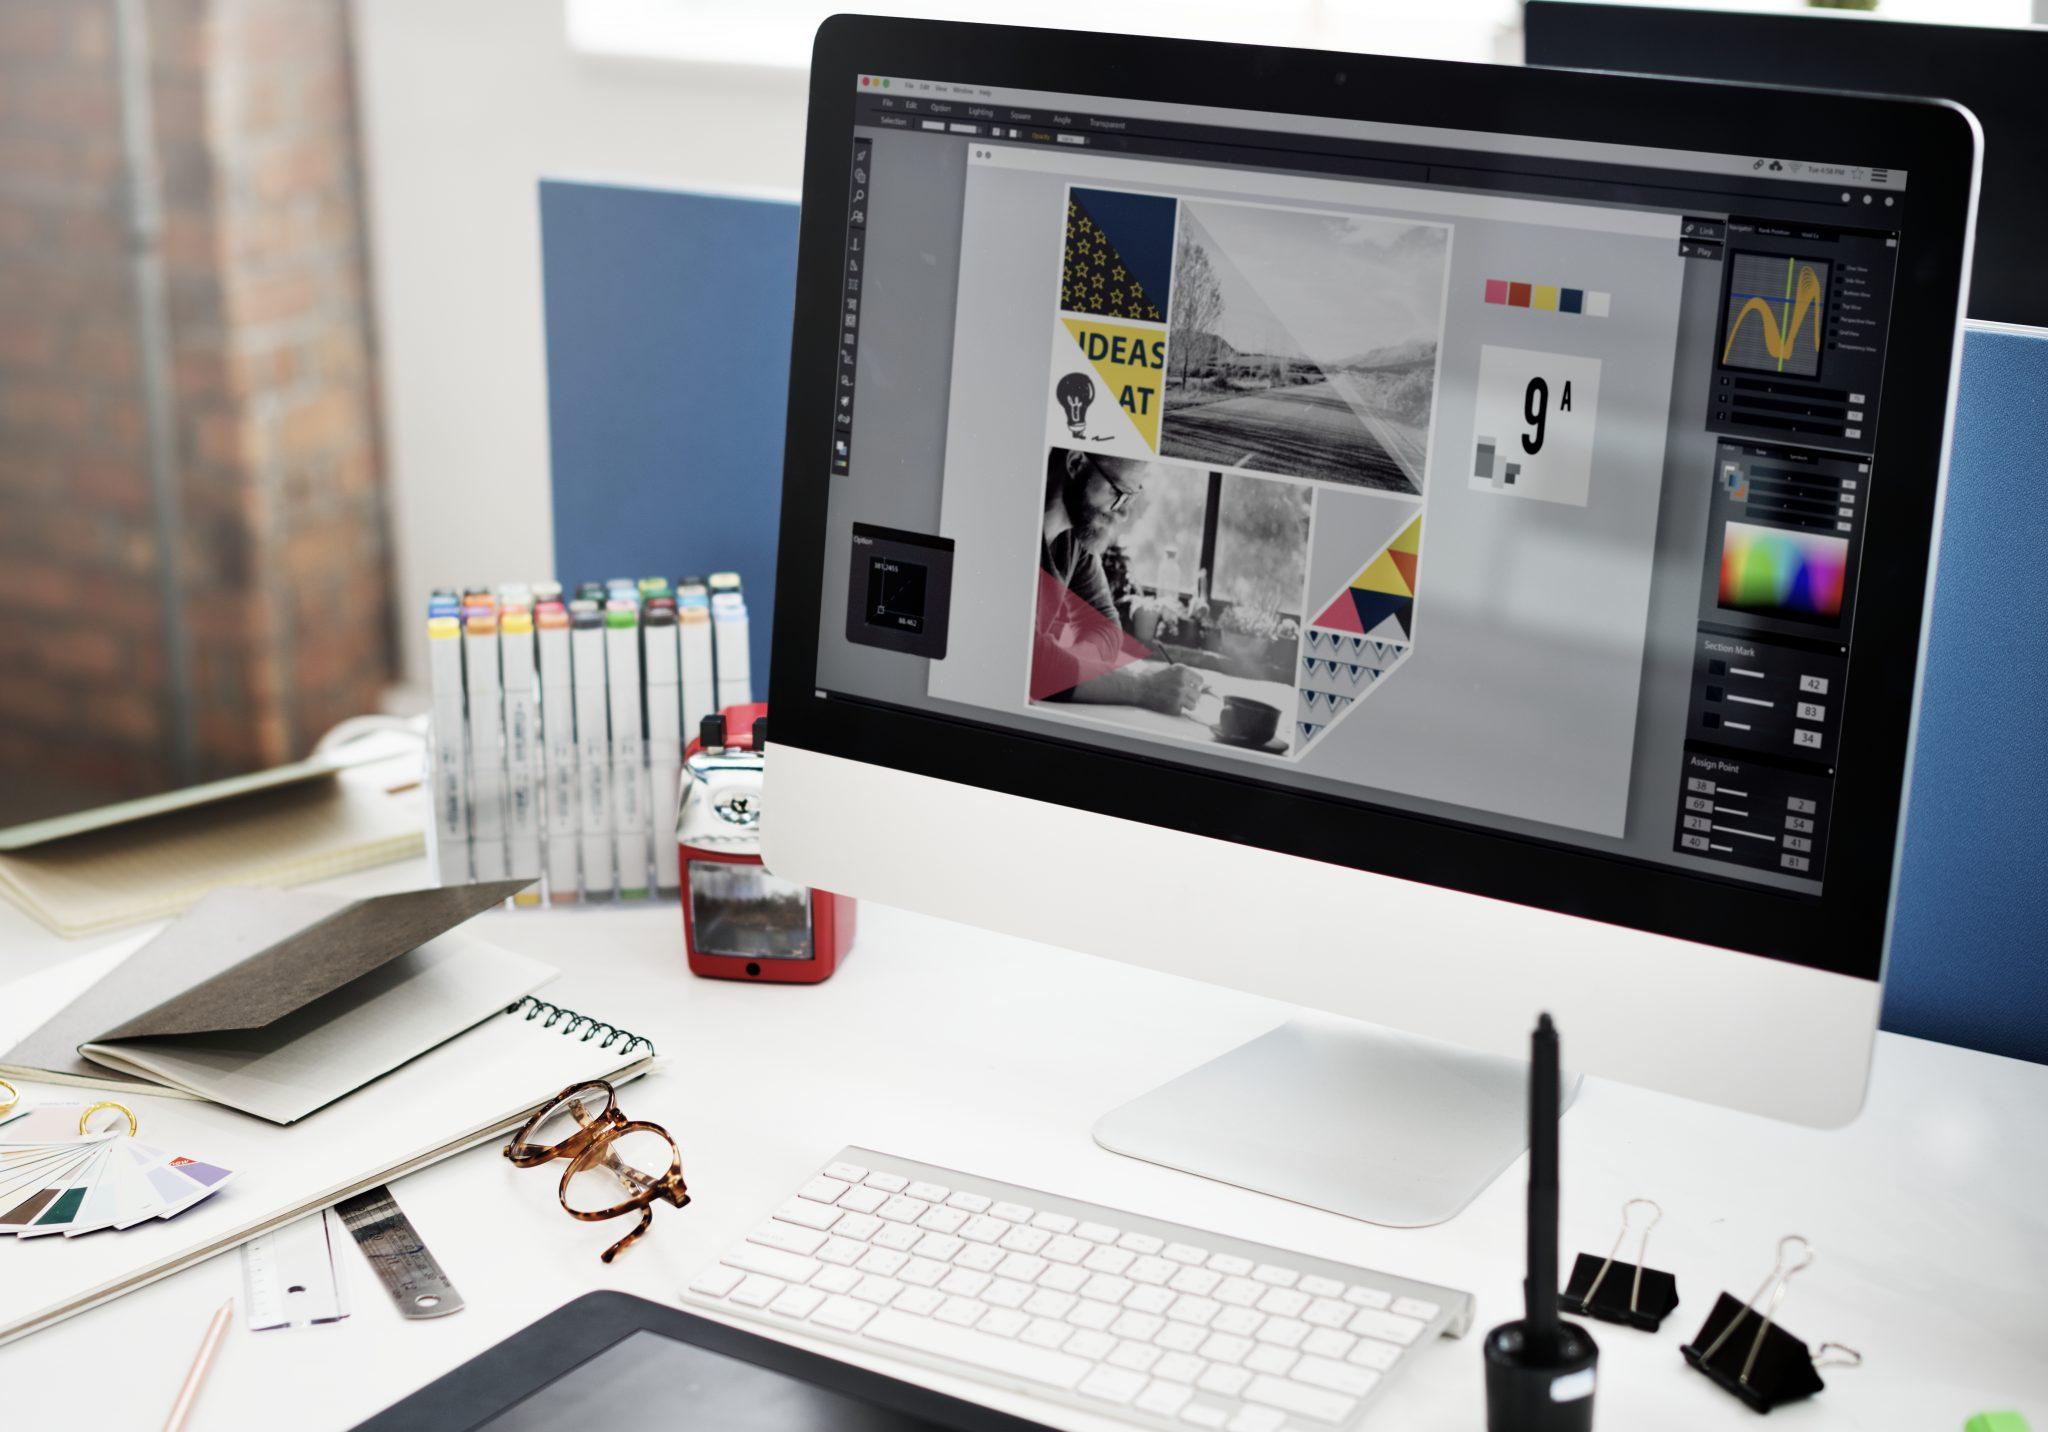 ออกแบบเว็บไซต์อย่างไรให้ตอบโจทย์ปี 2021